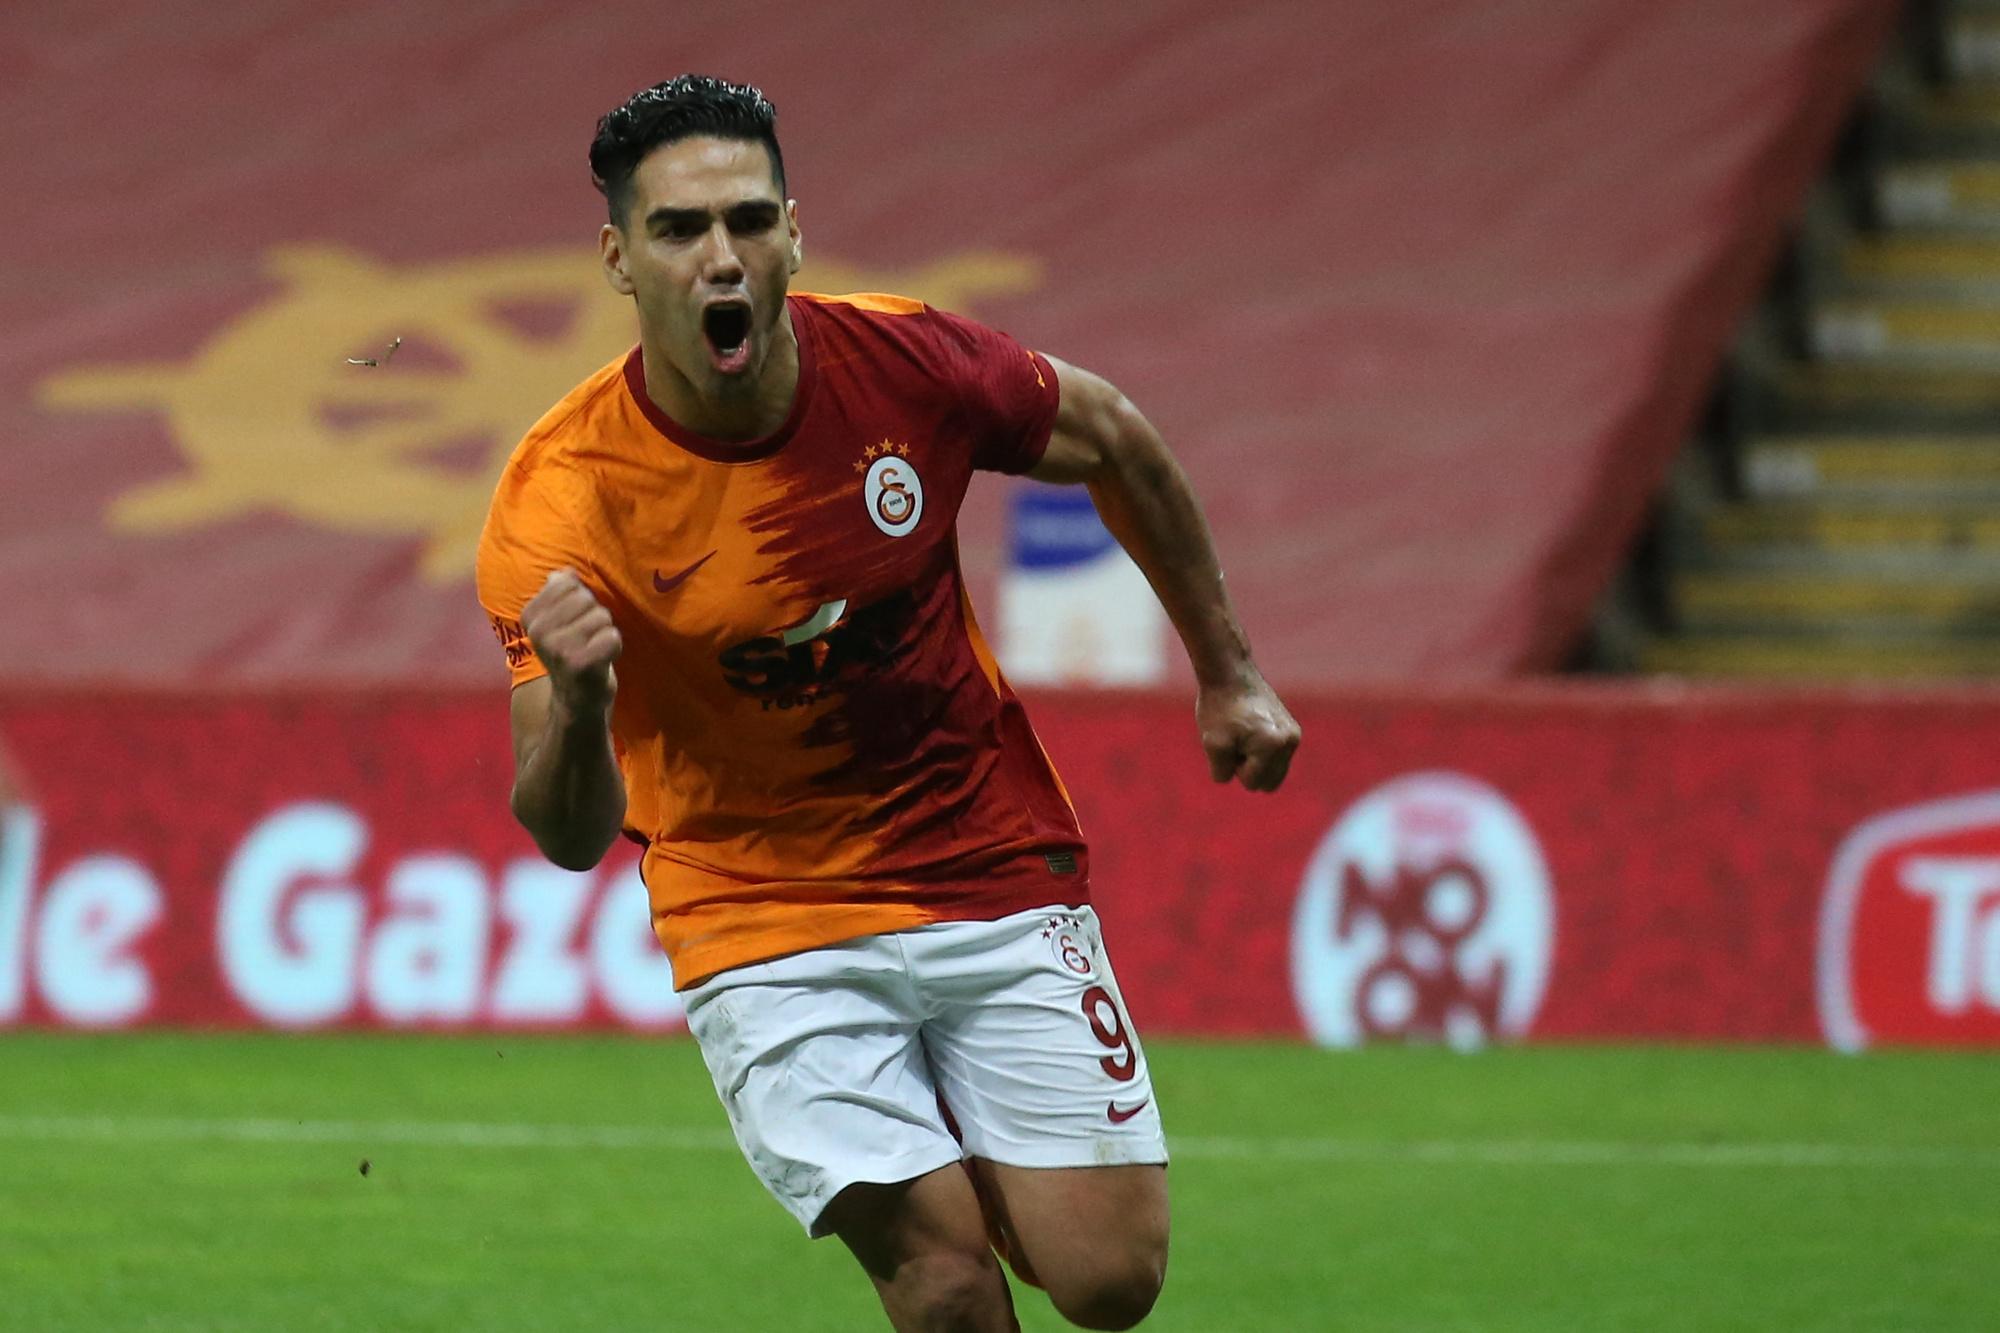 Le trésorier de Galatasaray n'est sans doute pas mécontent de ne plus voir le gros salaire de Radamel Falcao., belga